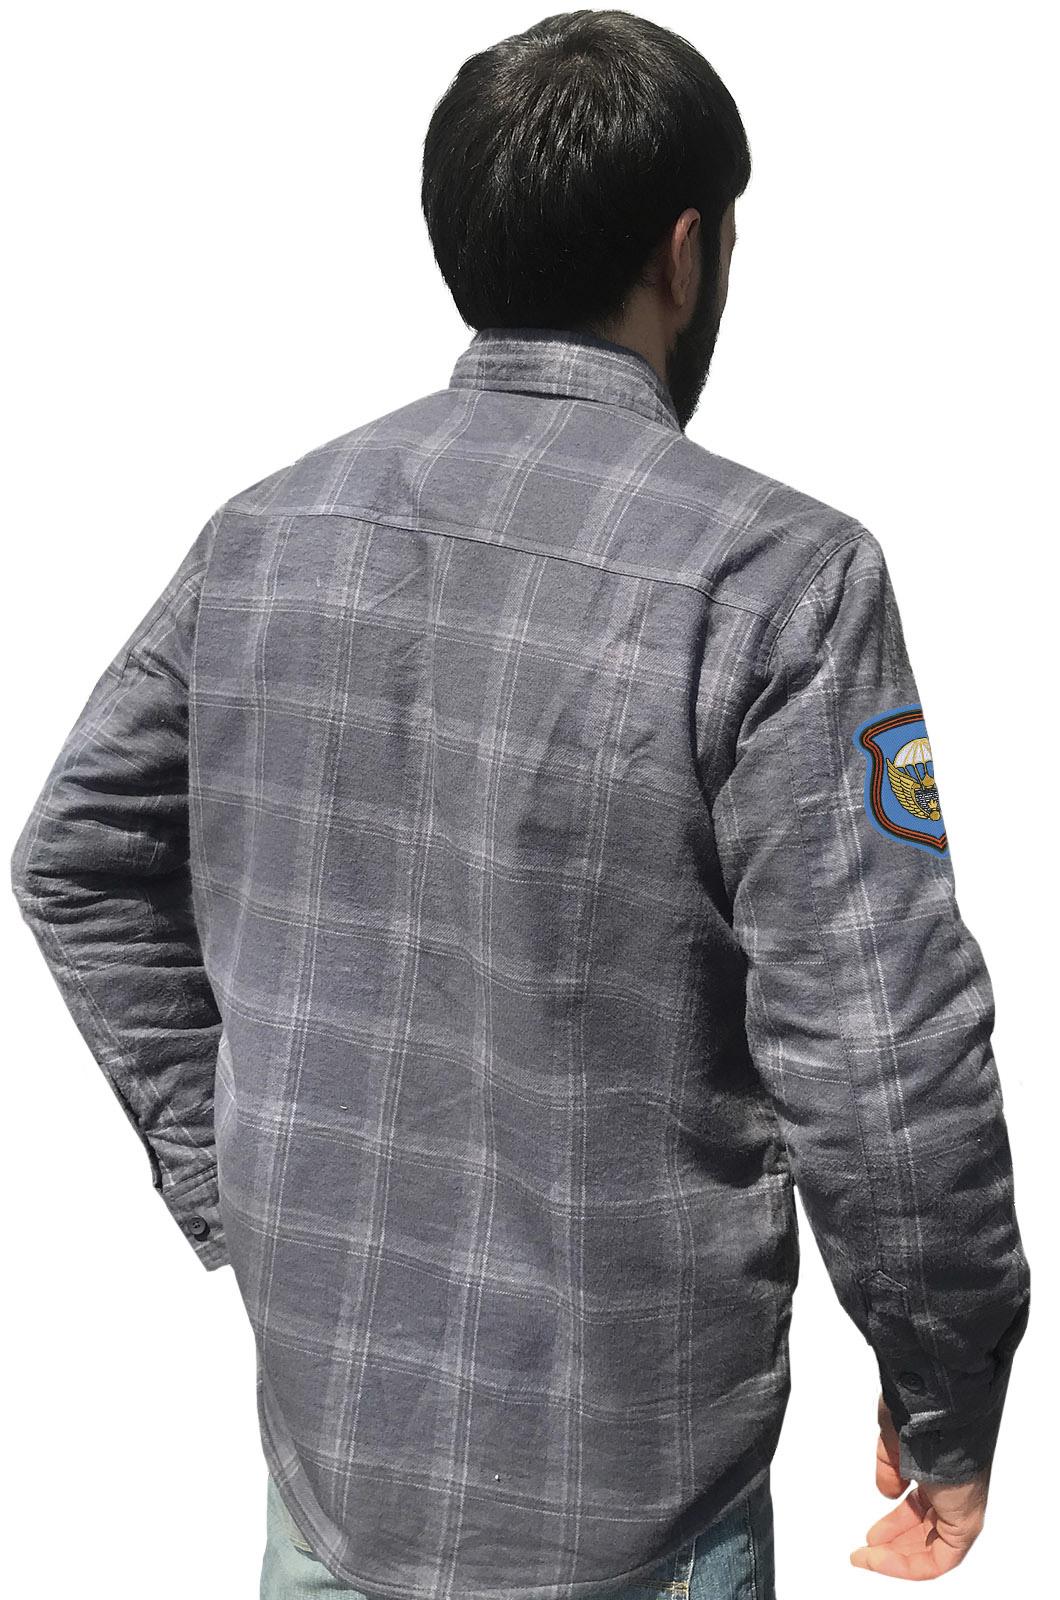 Купить стильную клетчатую рубашку с вышитым шевроном 106 гв. ВДД выгодно оптом